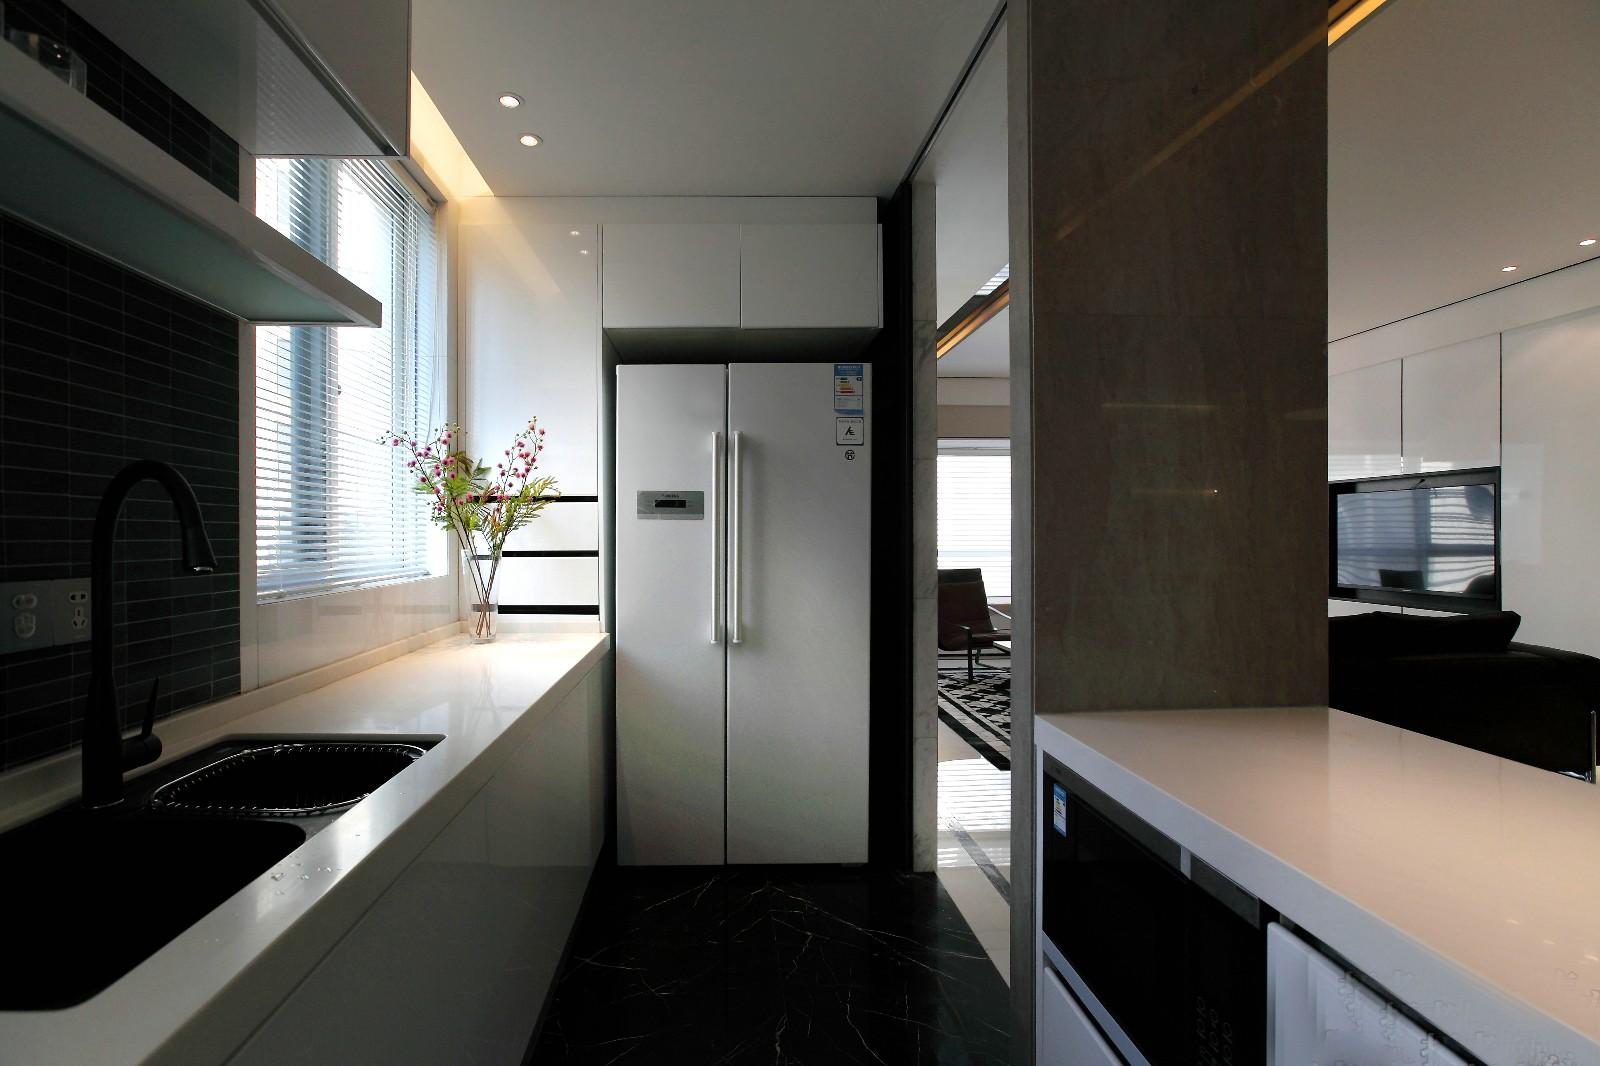 142㎡现代简约风格厨房装修效果图